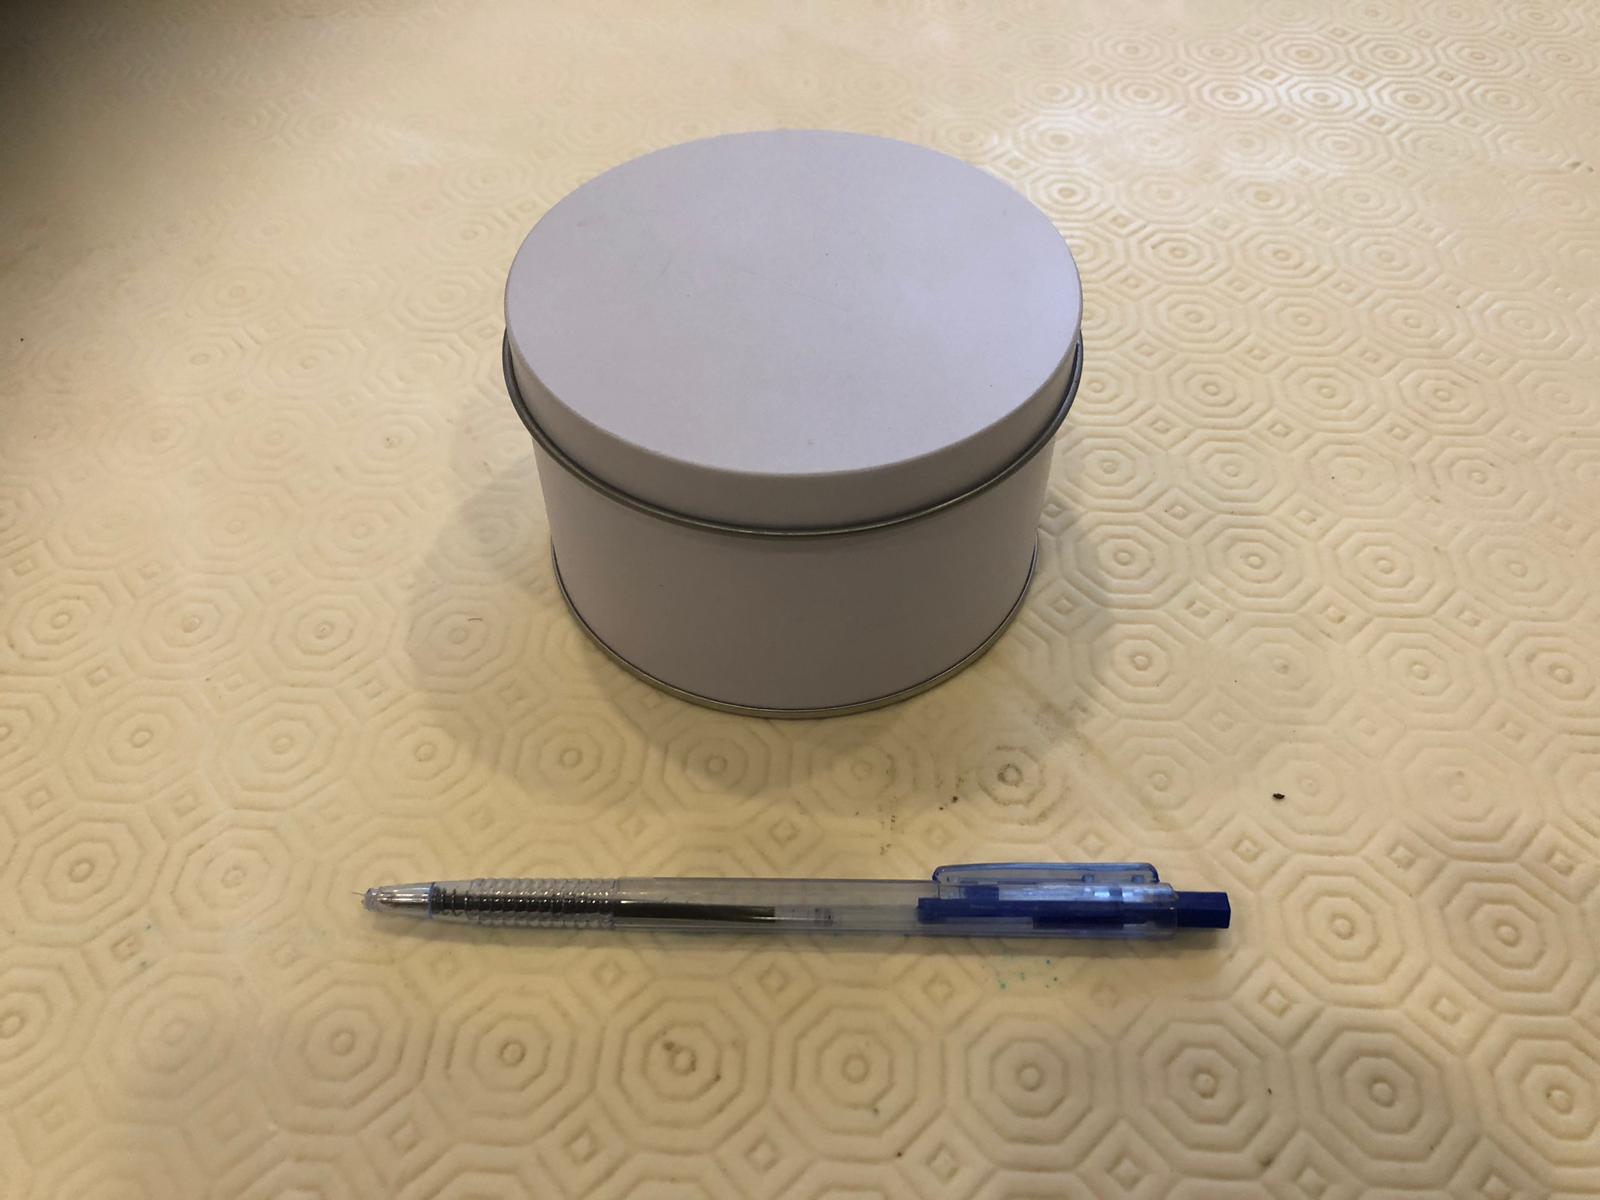 קופסת מתכת עגולה קוטר 10